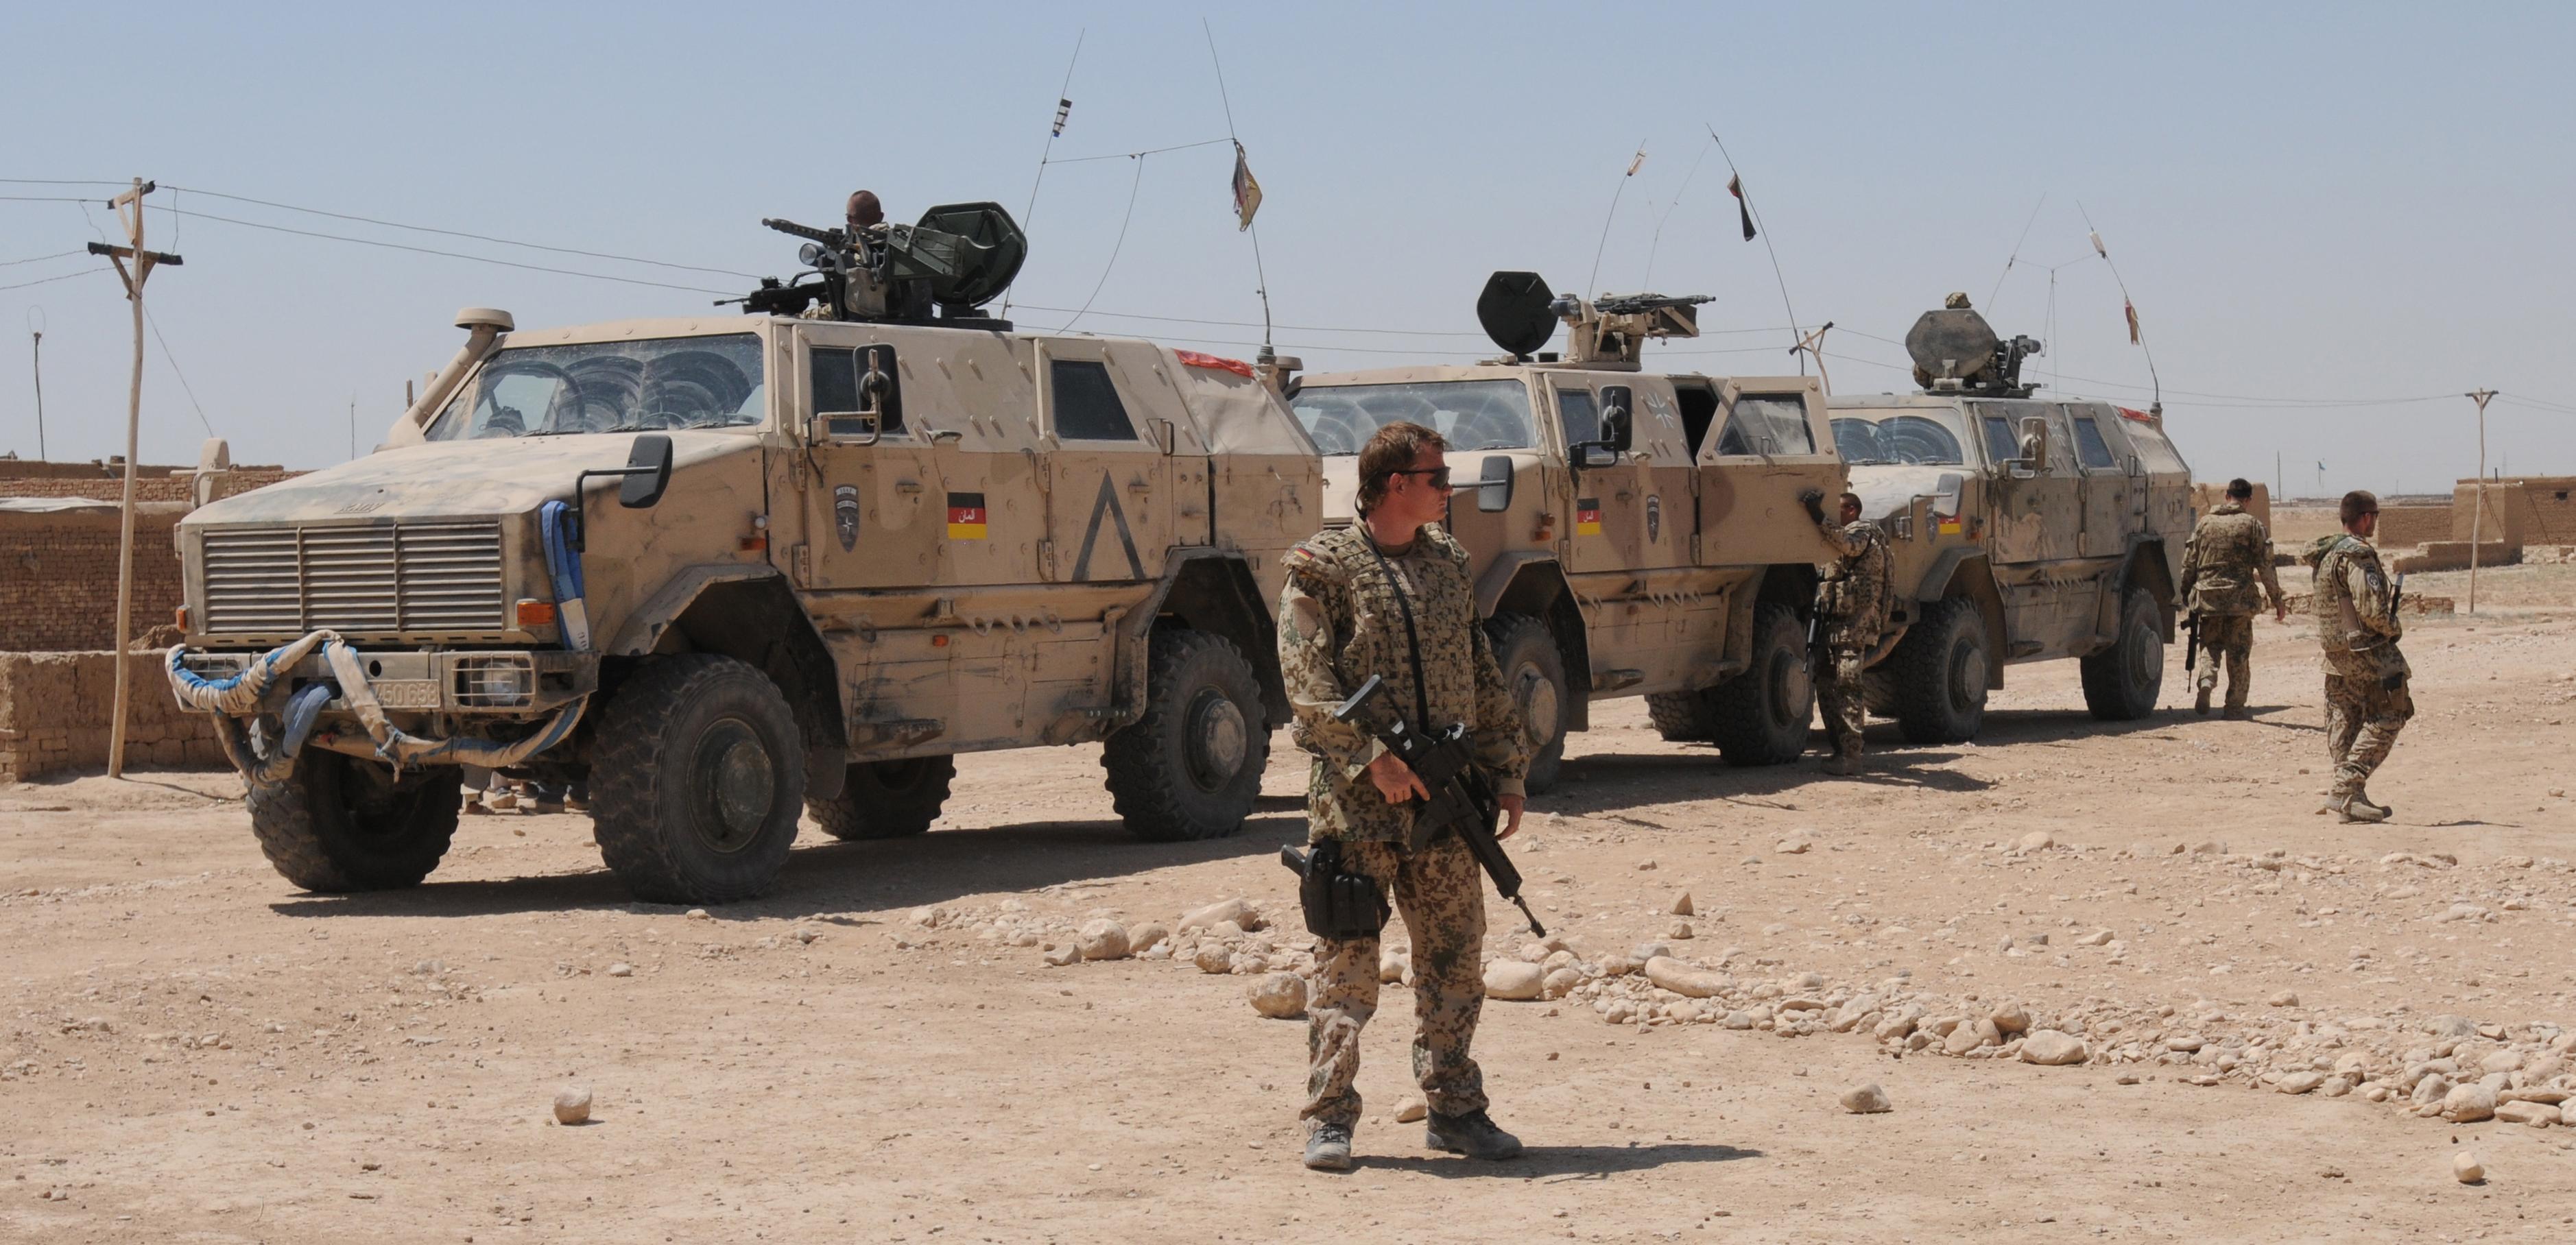 Soldaten der Bundeswehr während des ISAF-Auslandseinsatzes in Afghanistan